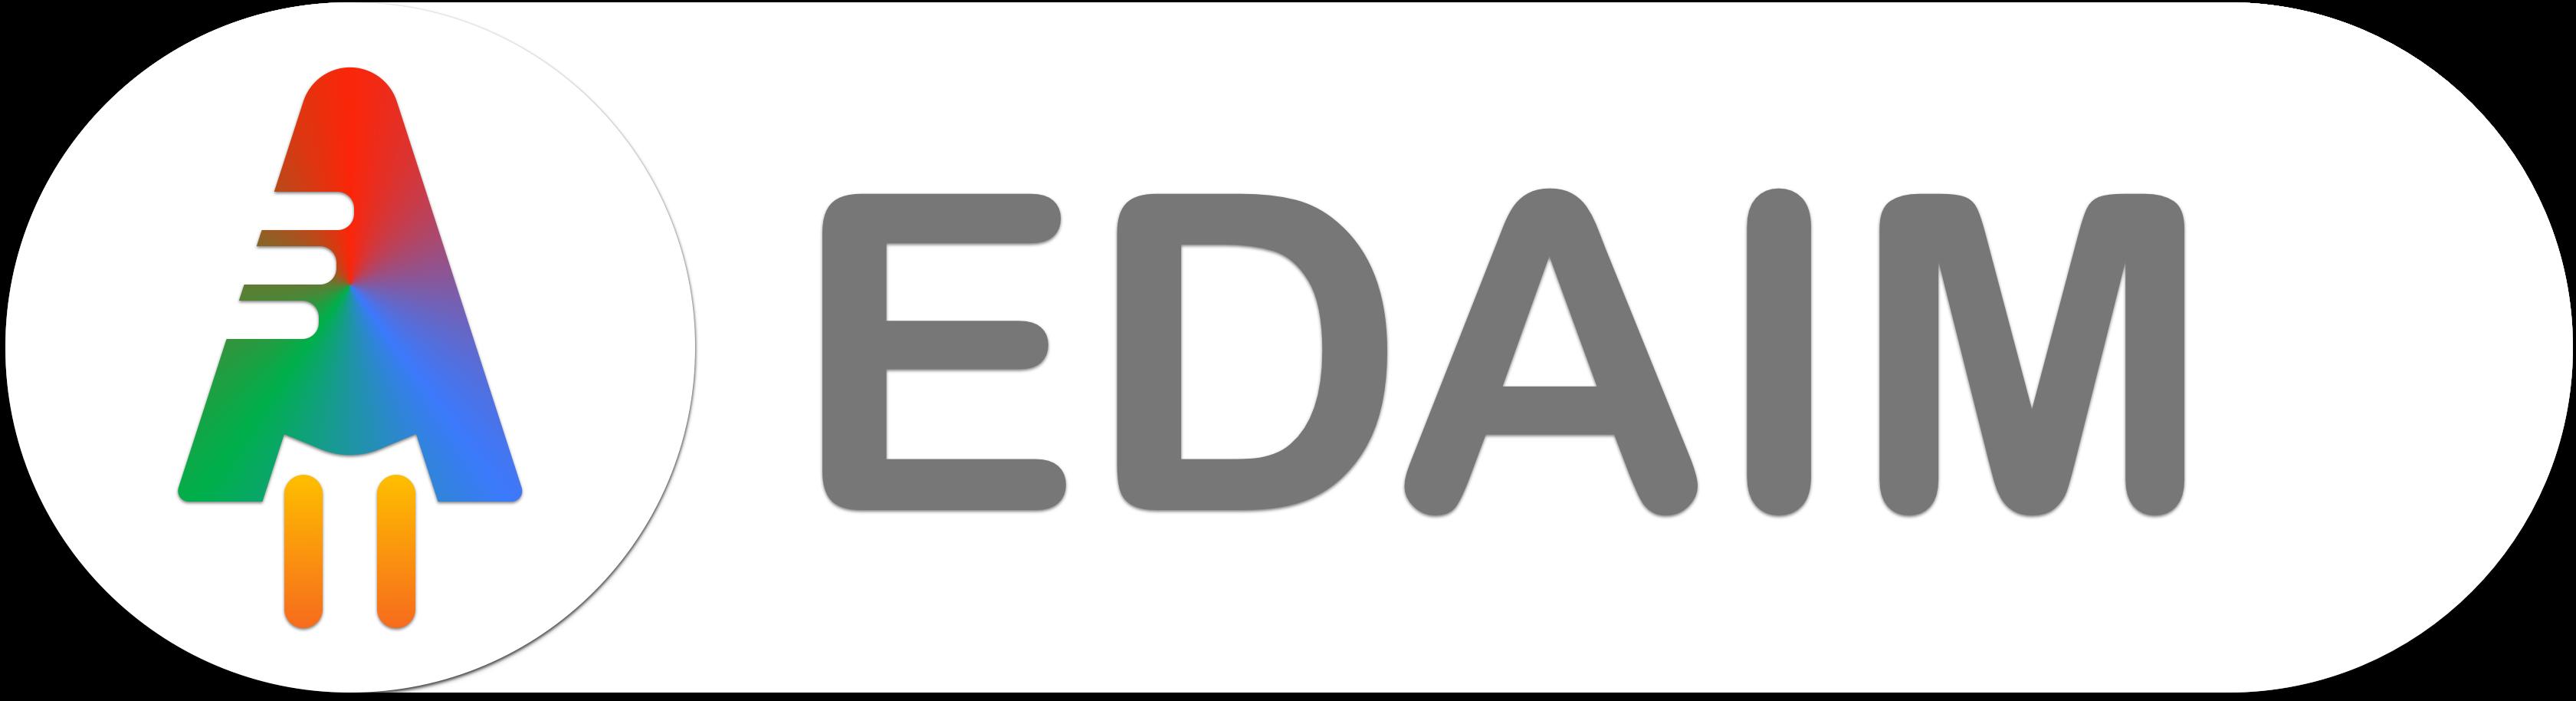 EDAIM logo